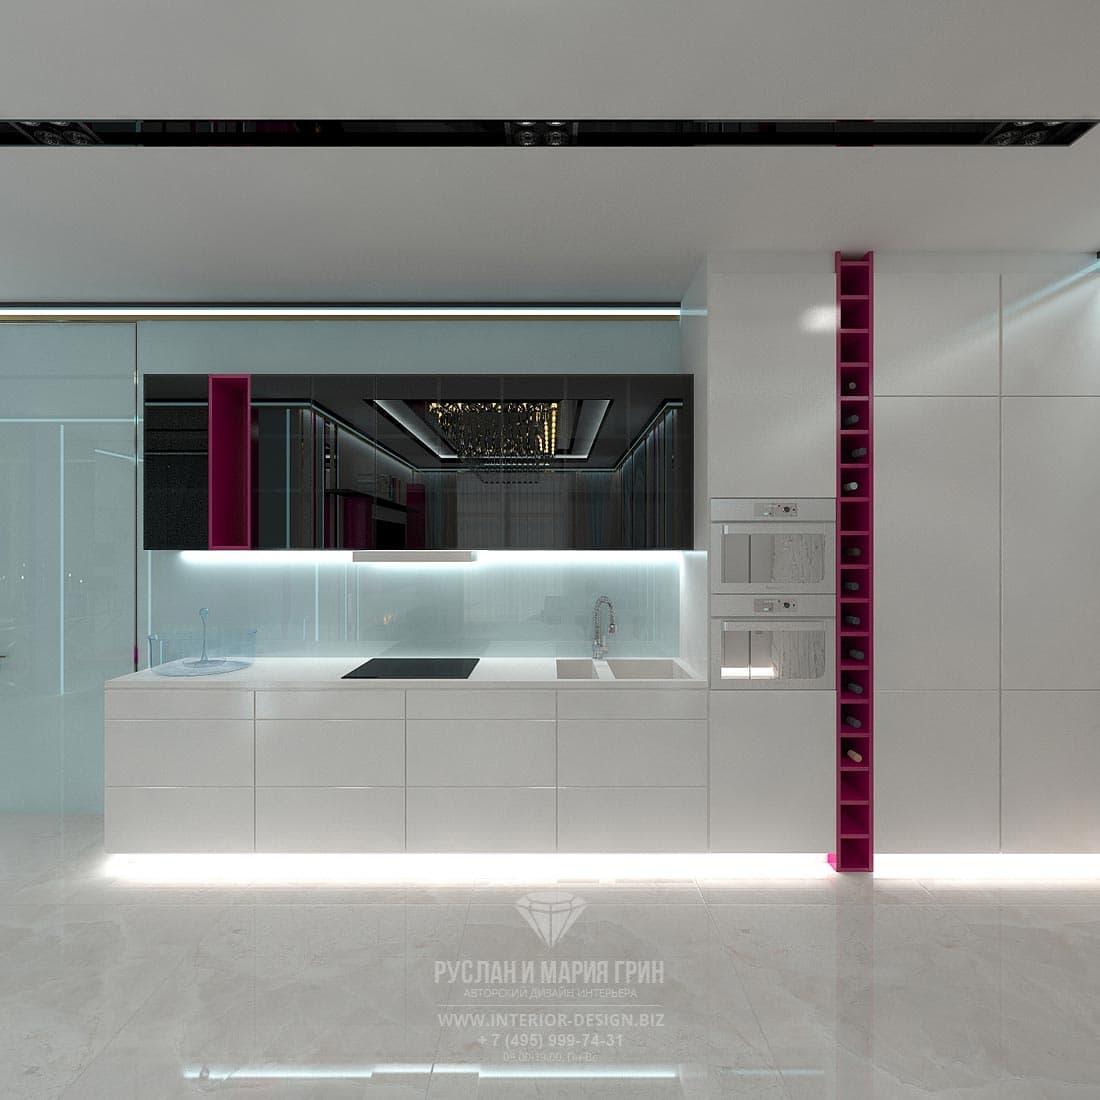 Интерьер кухни в белом цвете в стиле минимализм